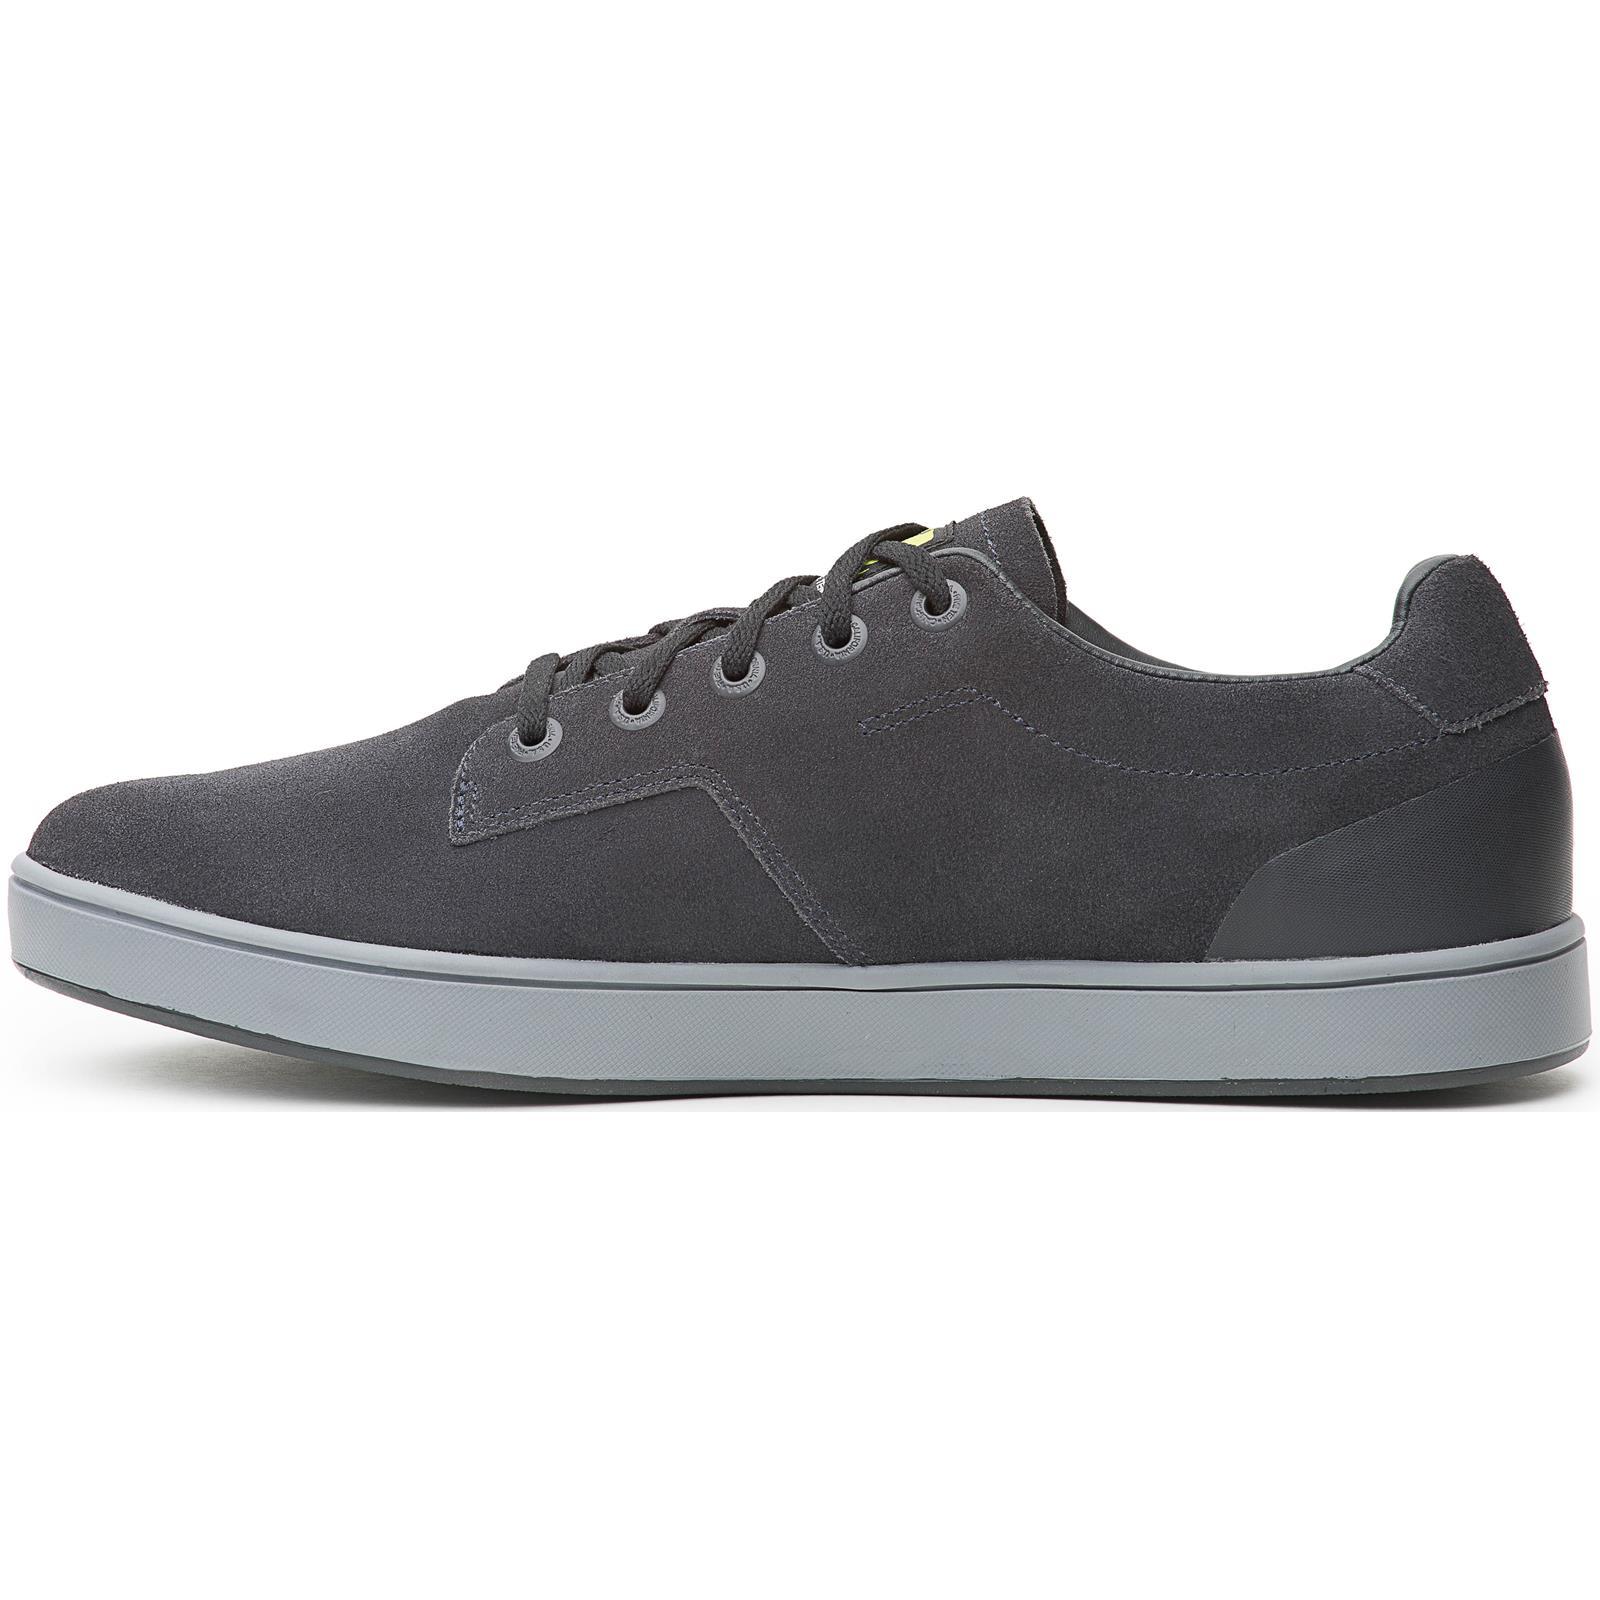 Buy Five Ten Shoes Australia